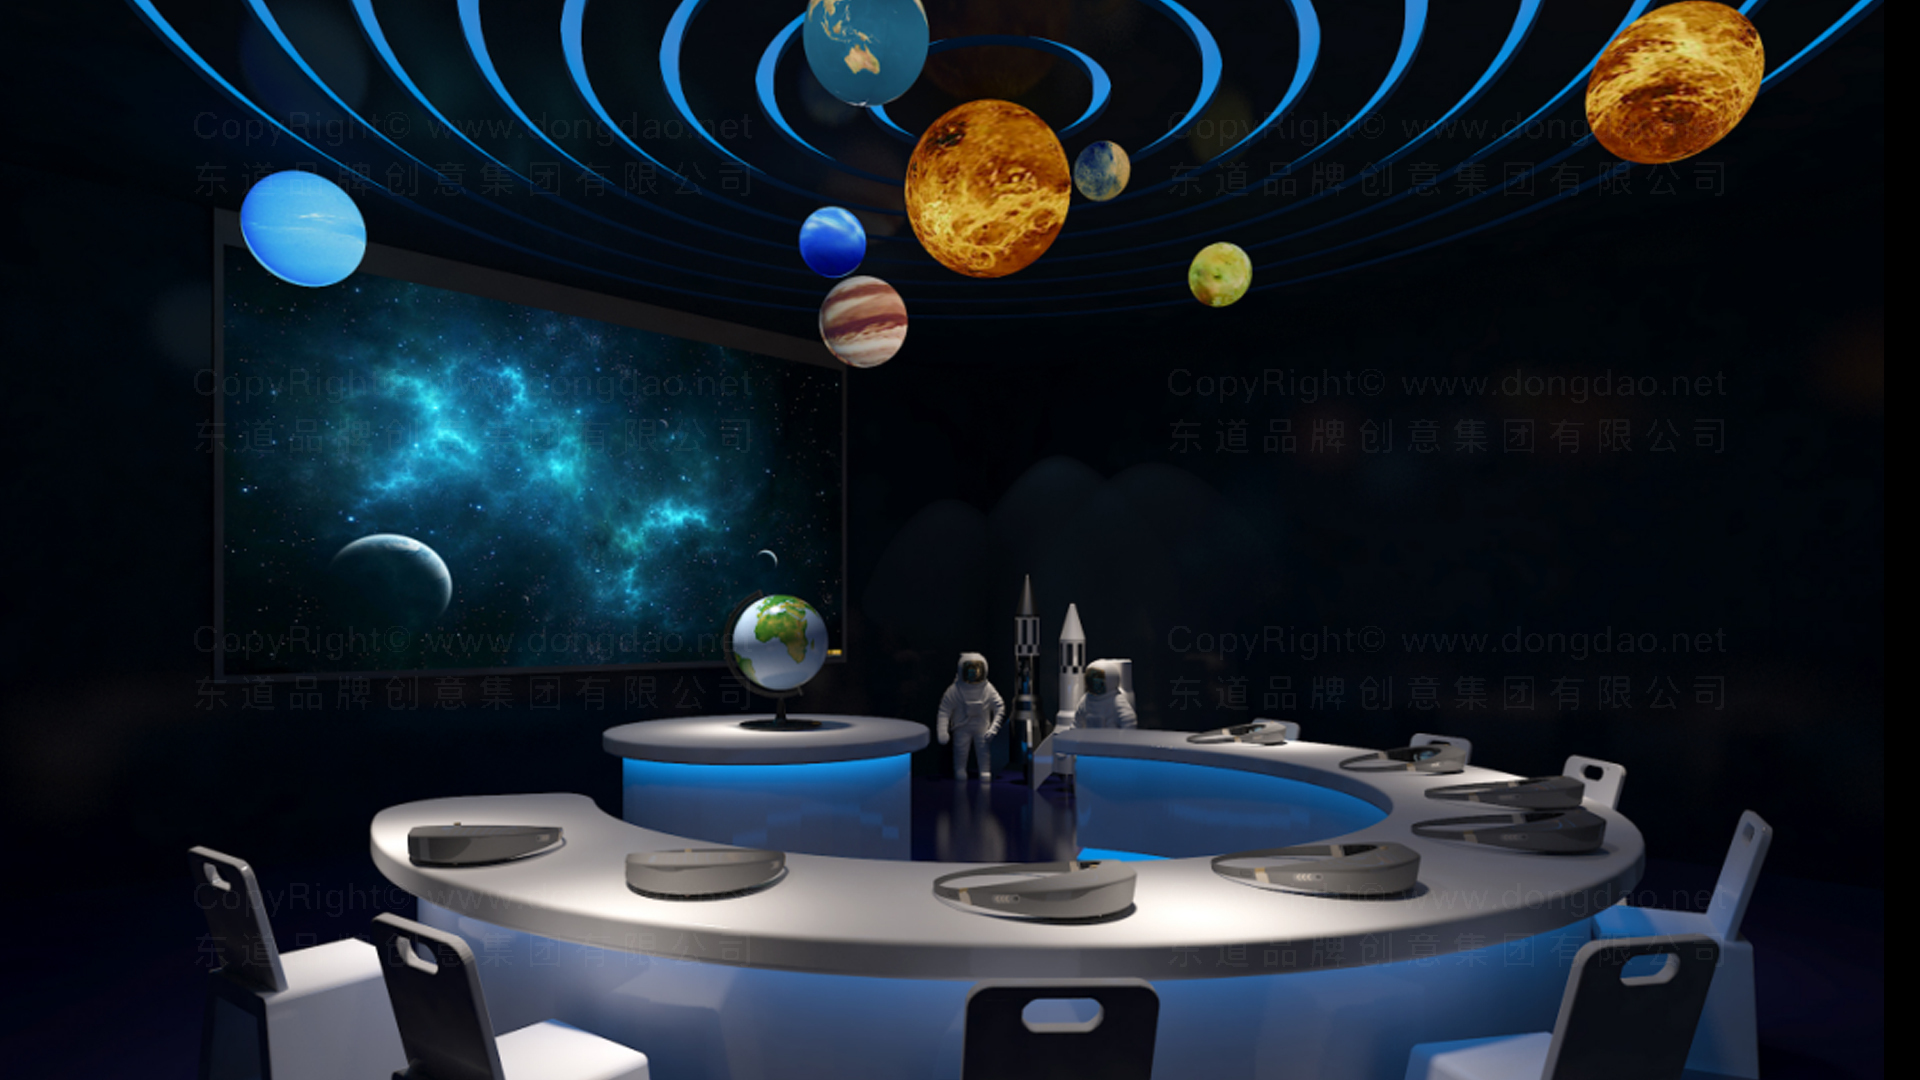 商业空间&导示量子世界SI设计应用场景_5